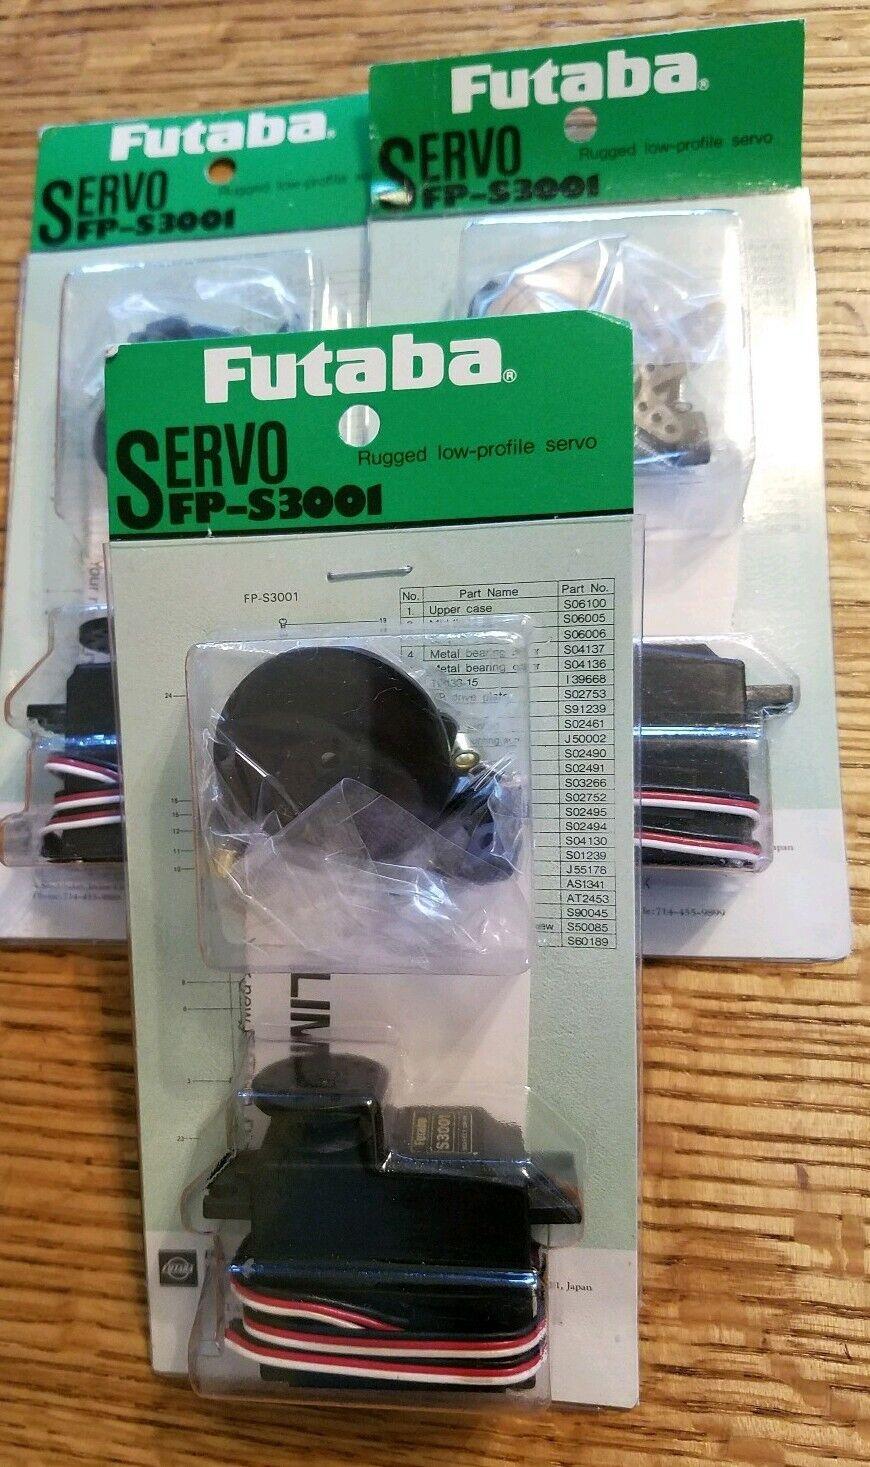 Futabab FP-S3001 Servo. LOT OF 3.  nuovo    grandi offerte